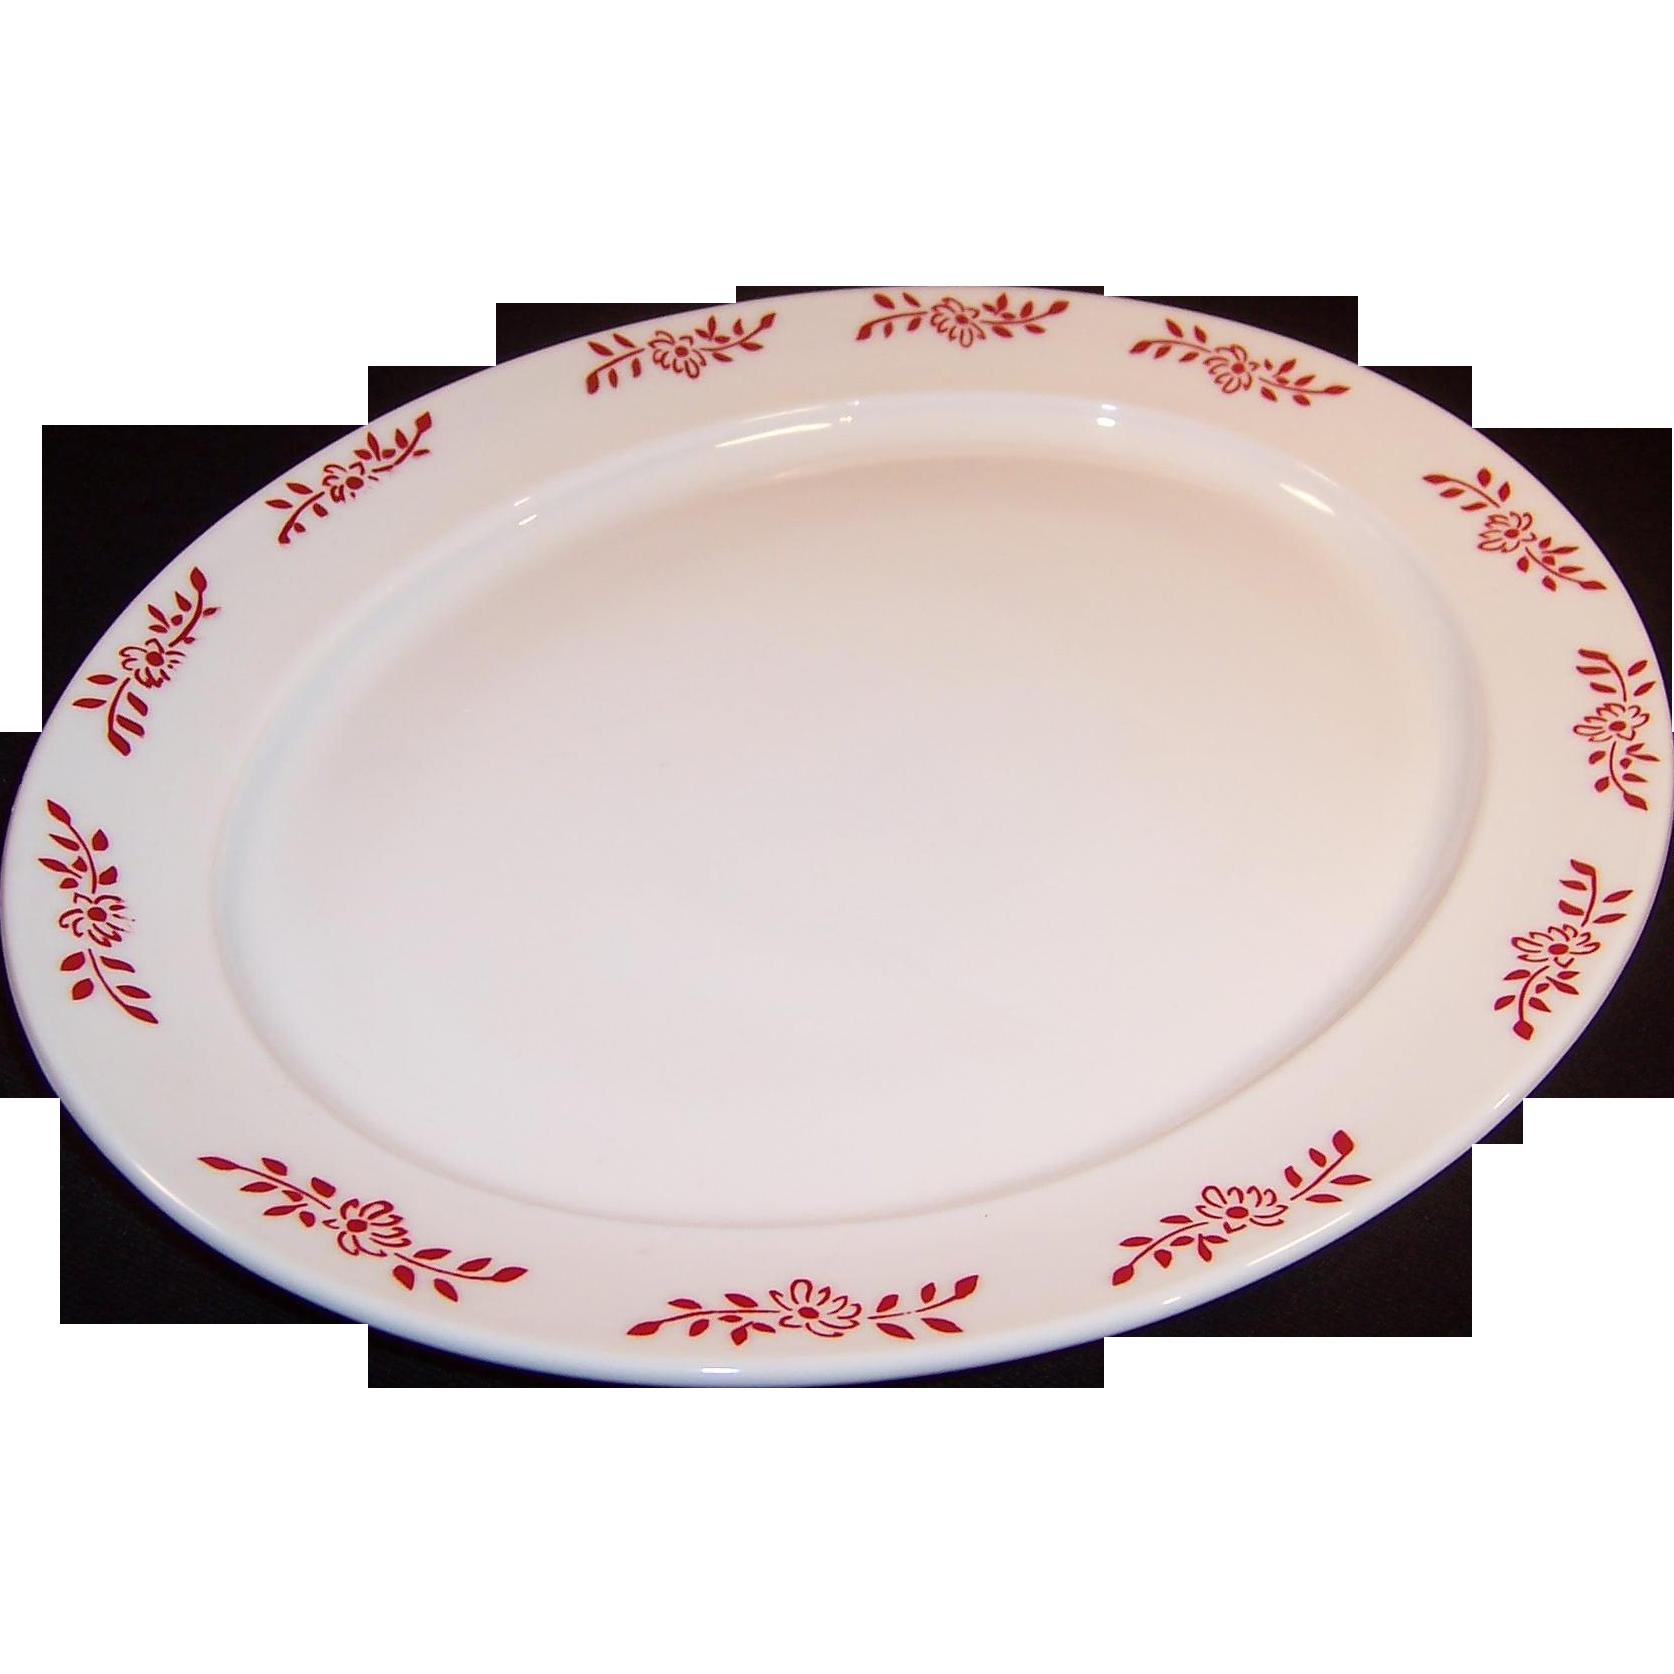 Rare Hazel Atlas Ovide Platonite Platter Red Flower Design